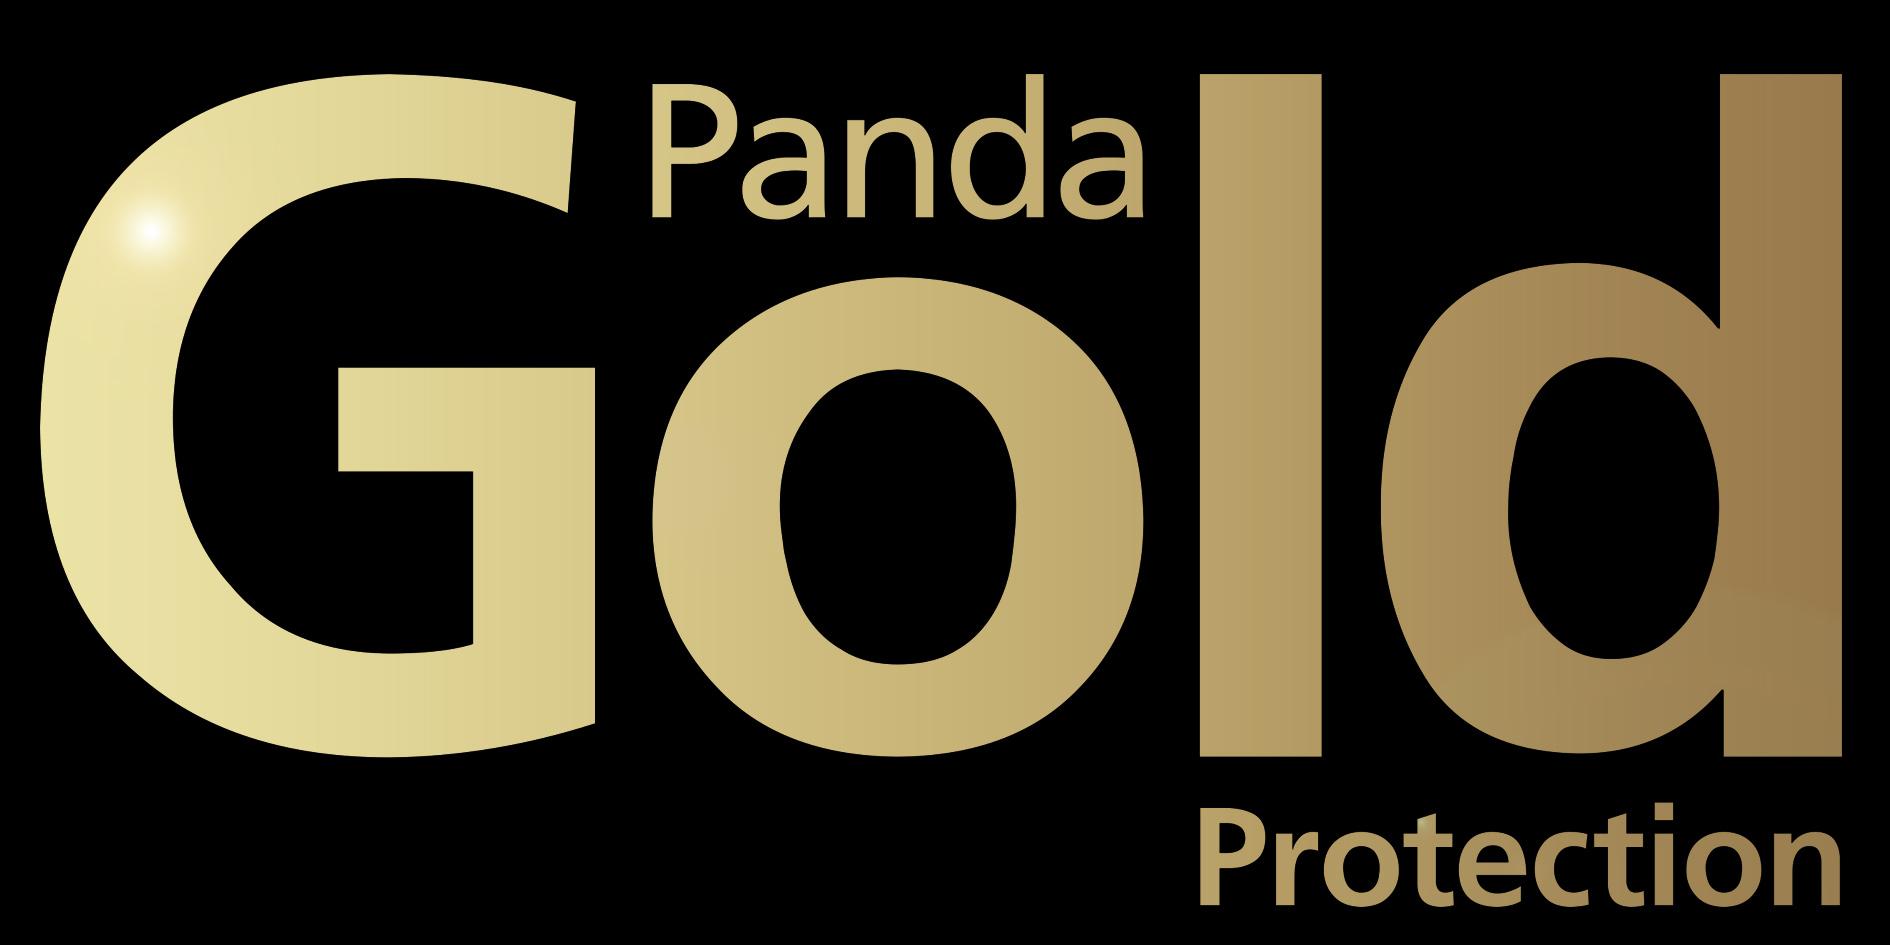 Panda Gold Protection ahora también protege tus datos en plataformas Blackberry